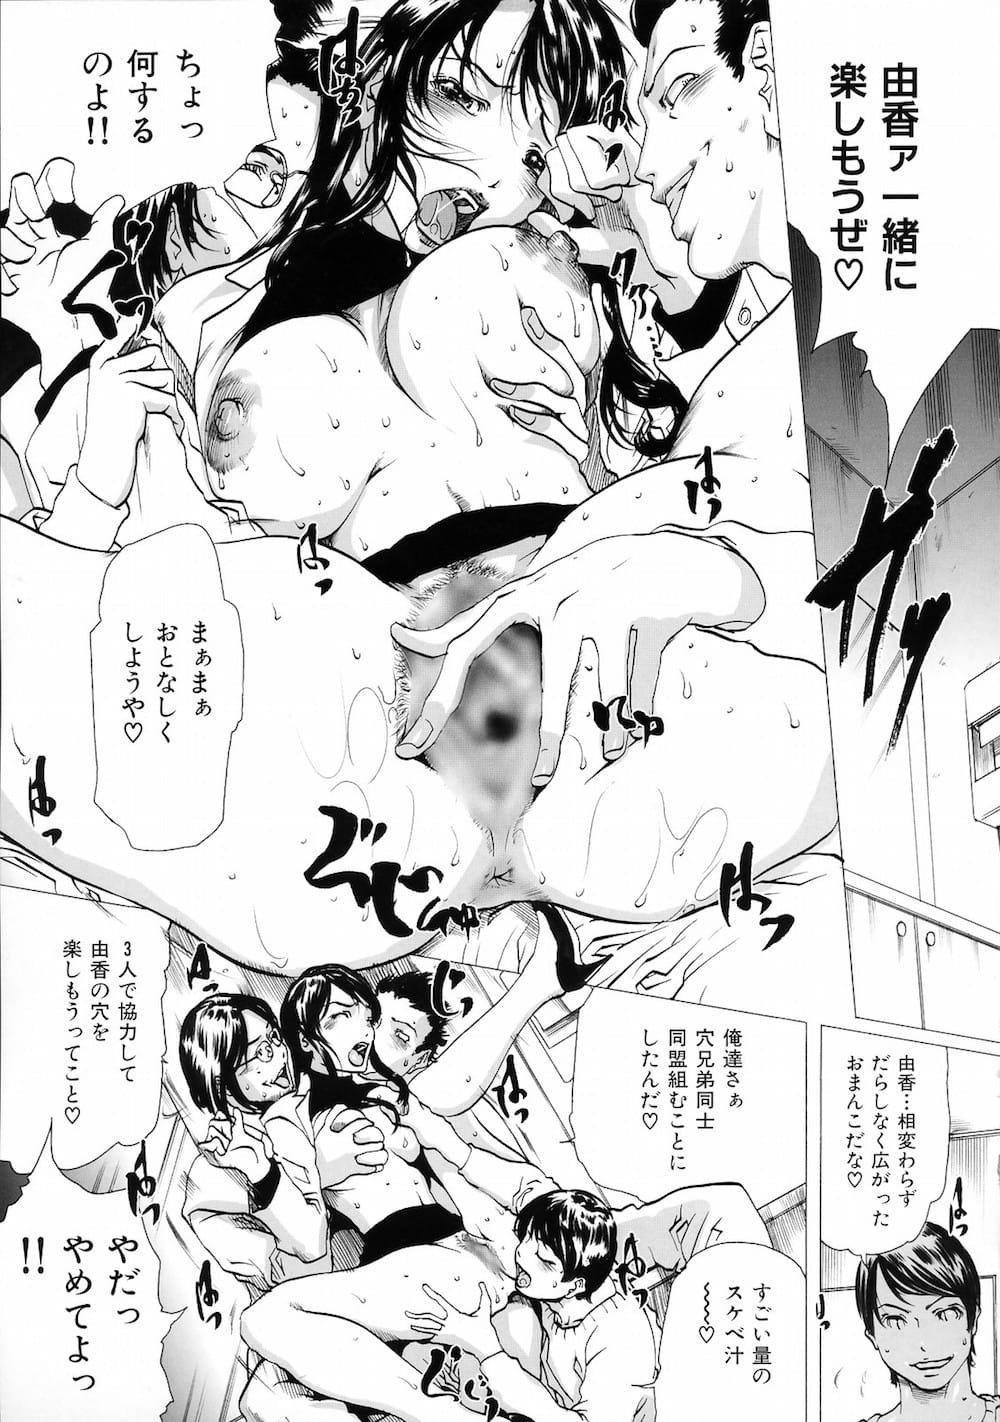 【エロ同人・エロ漫画】サークルの追いコンで過去のセックスを思い出した結果、最後に4Pをして卒業した! 012